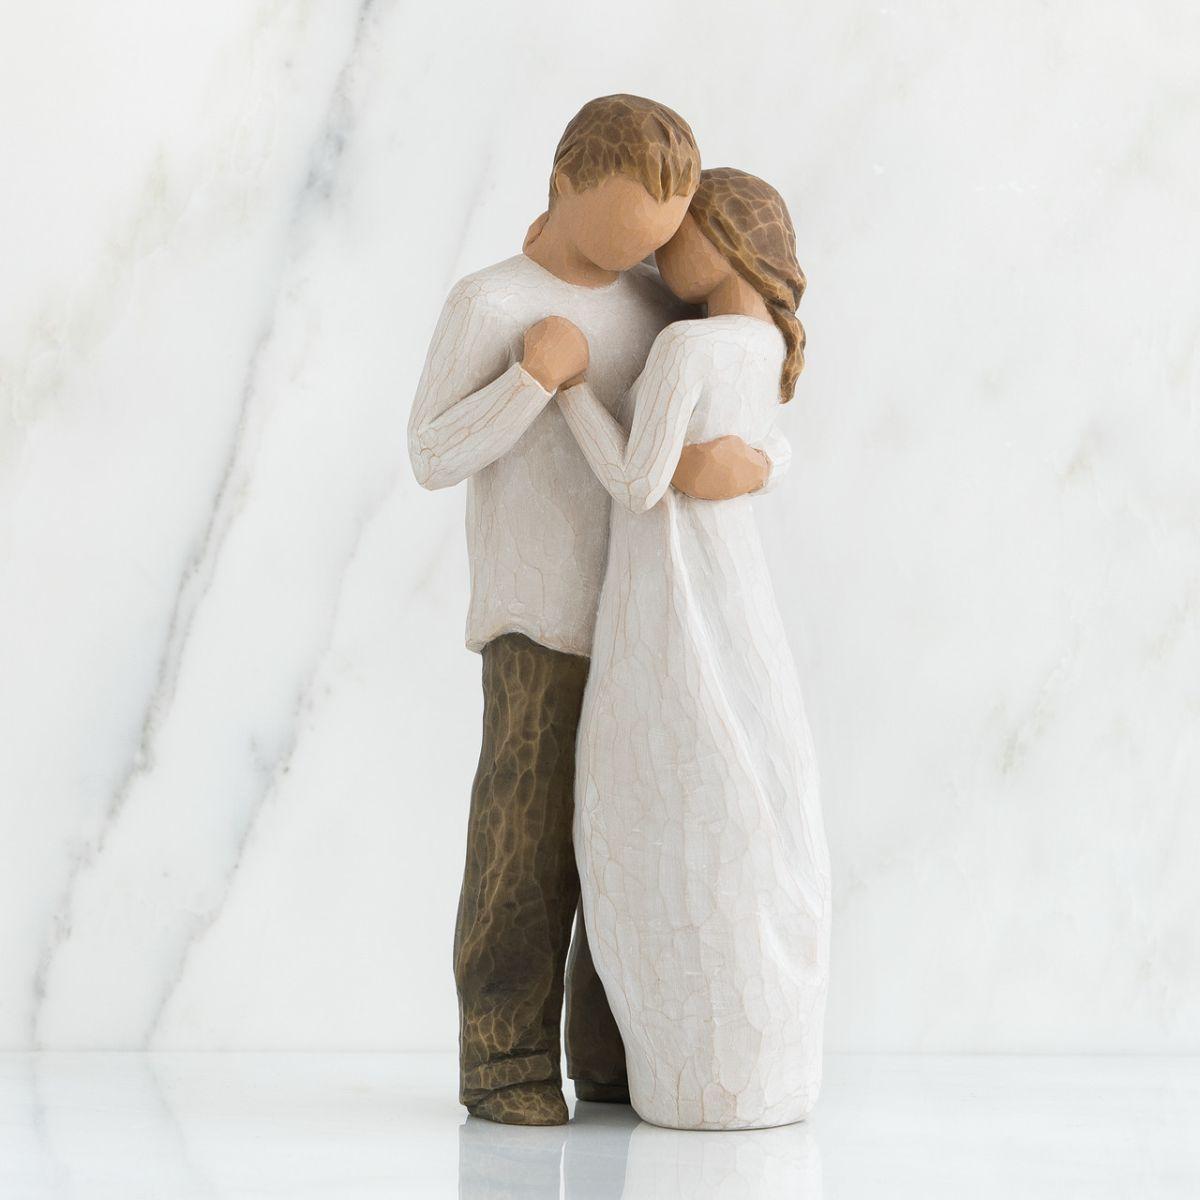 ウィローツリー彫像 【Promise】 - 約束